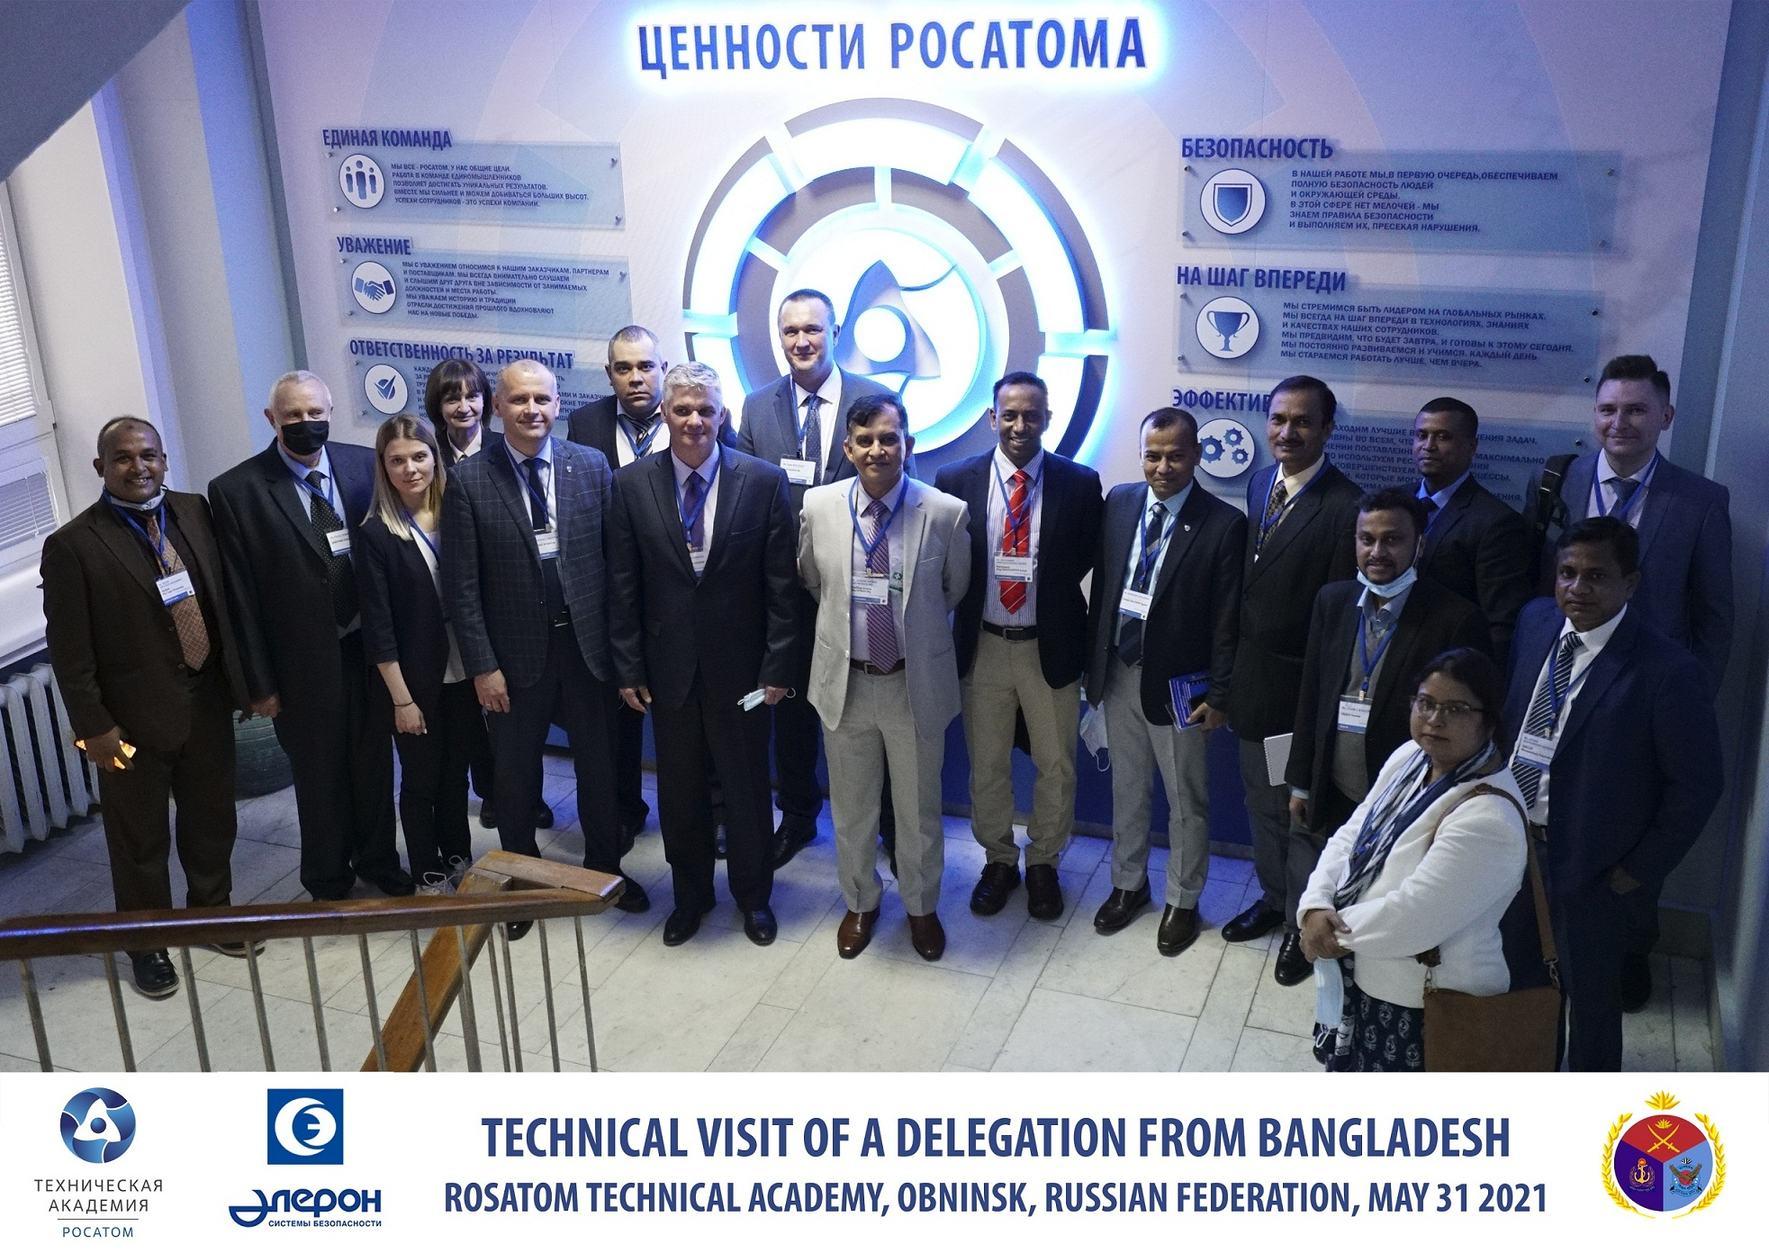 Техническую академию Росатома посетила делегация представителей Народной Республики Бангладеш